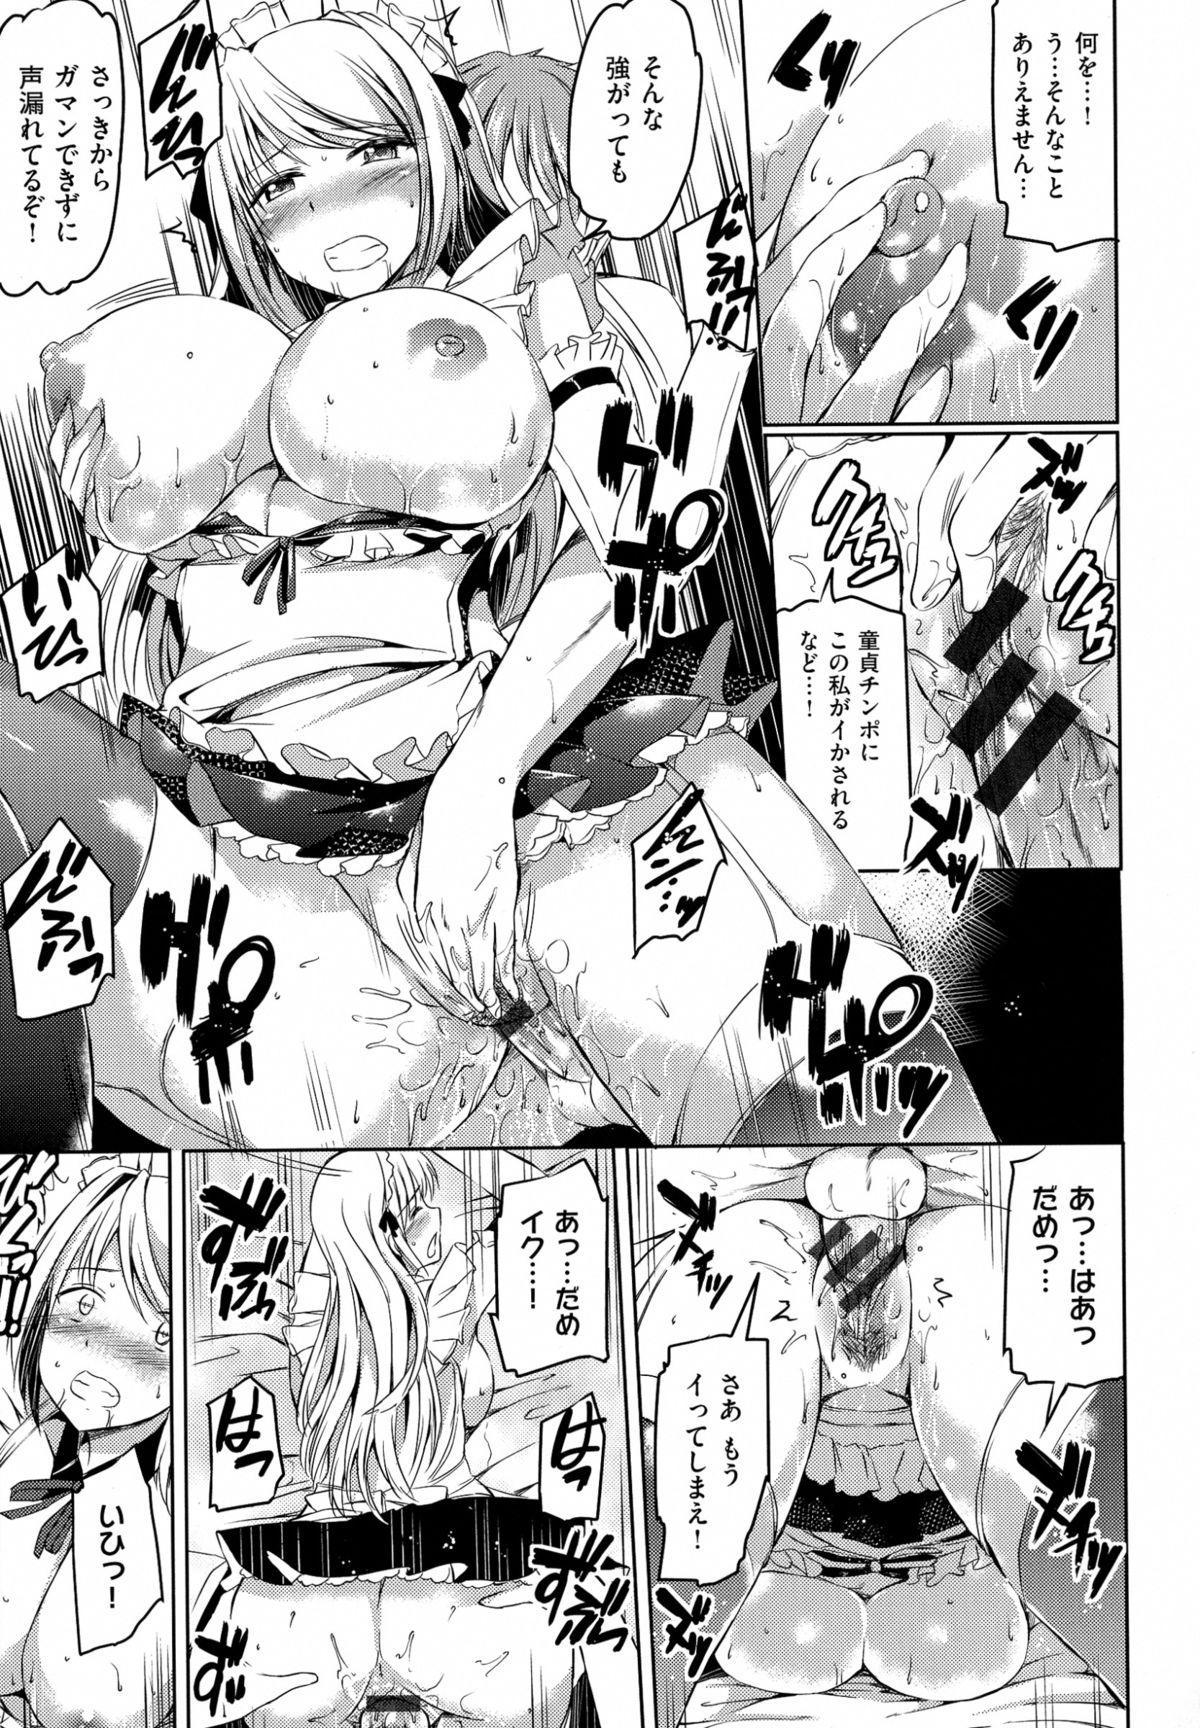 Ojou-sama no Maid Jijou 52